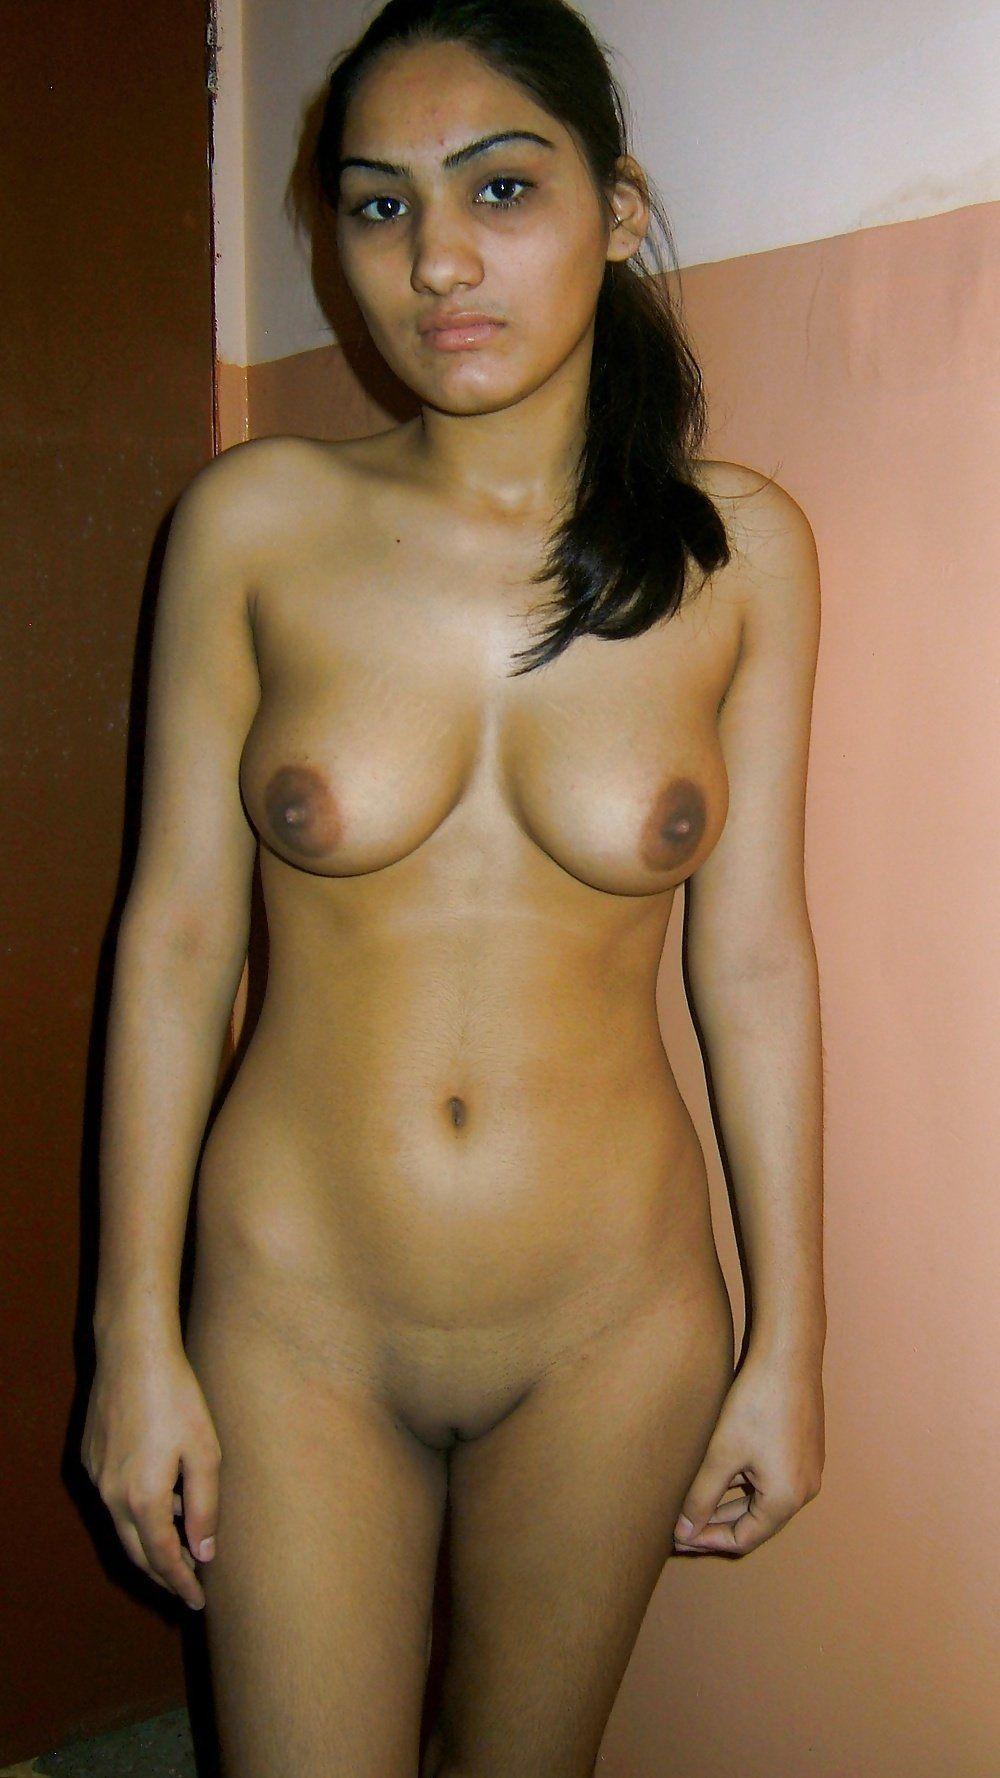 Jennifer taylor naked tits